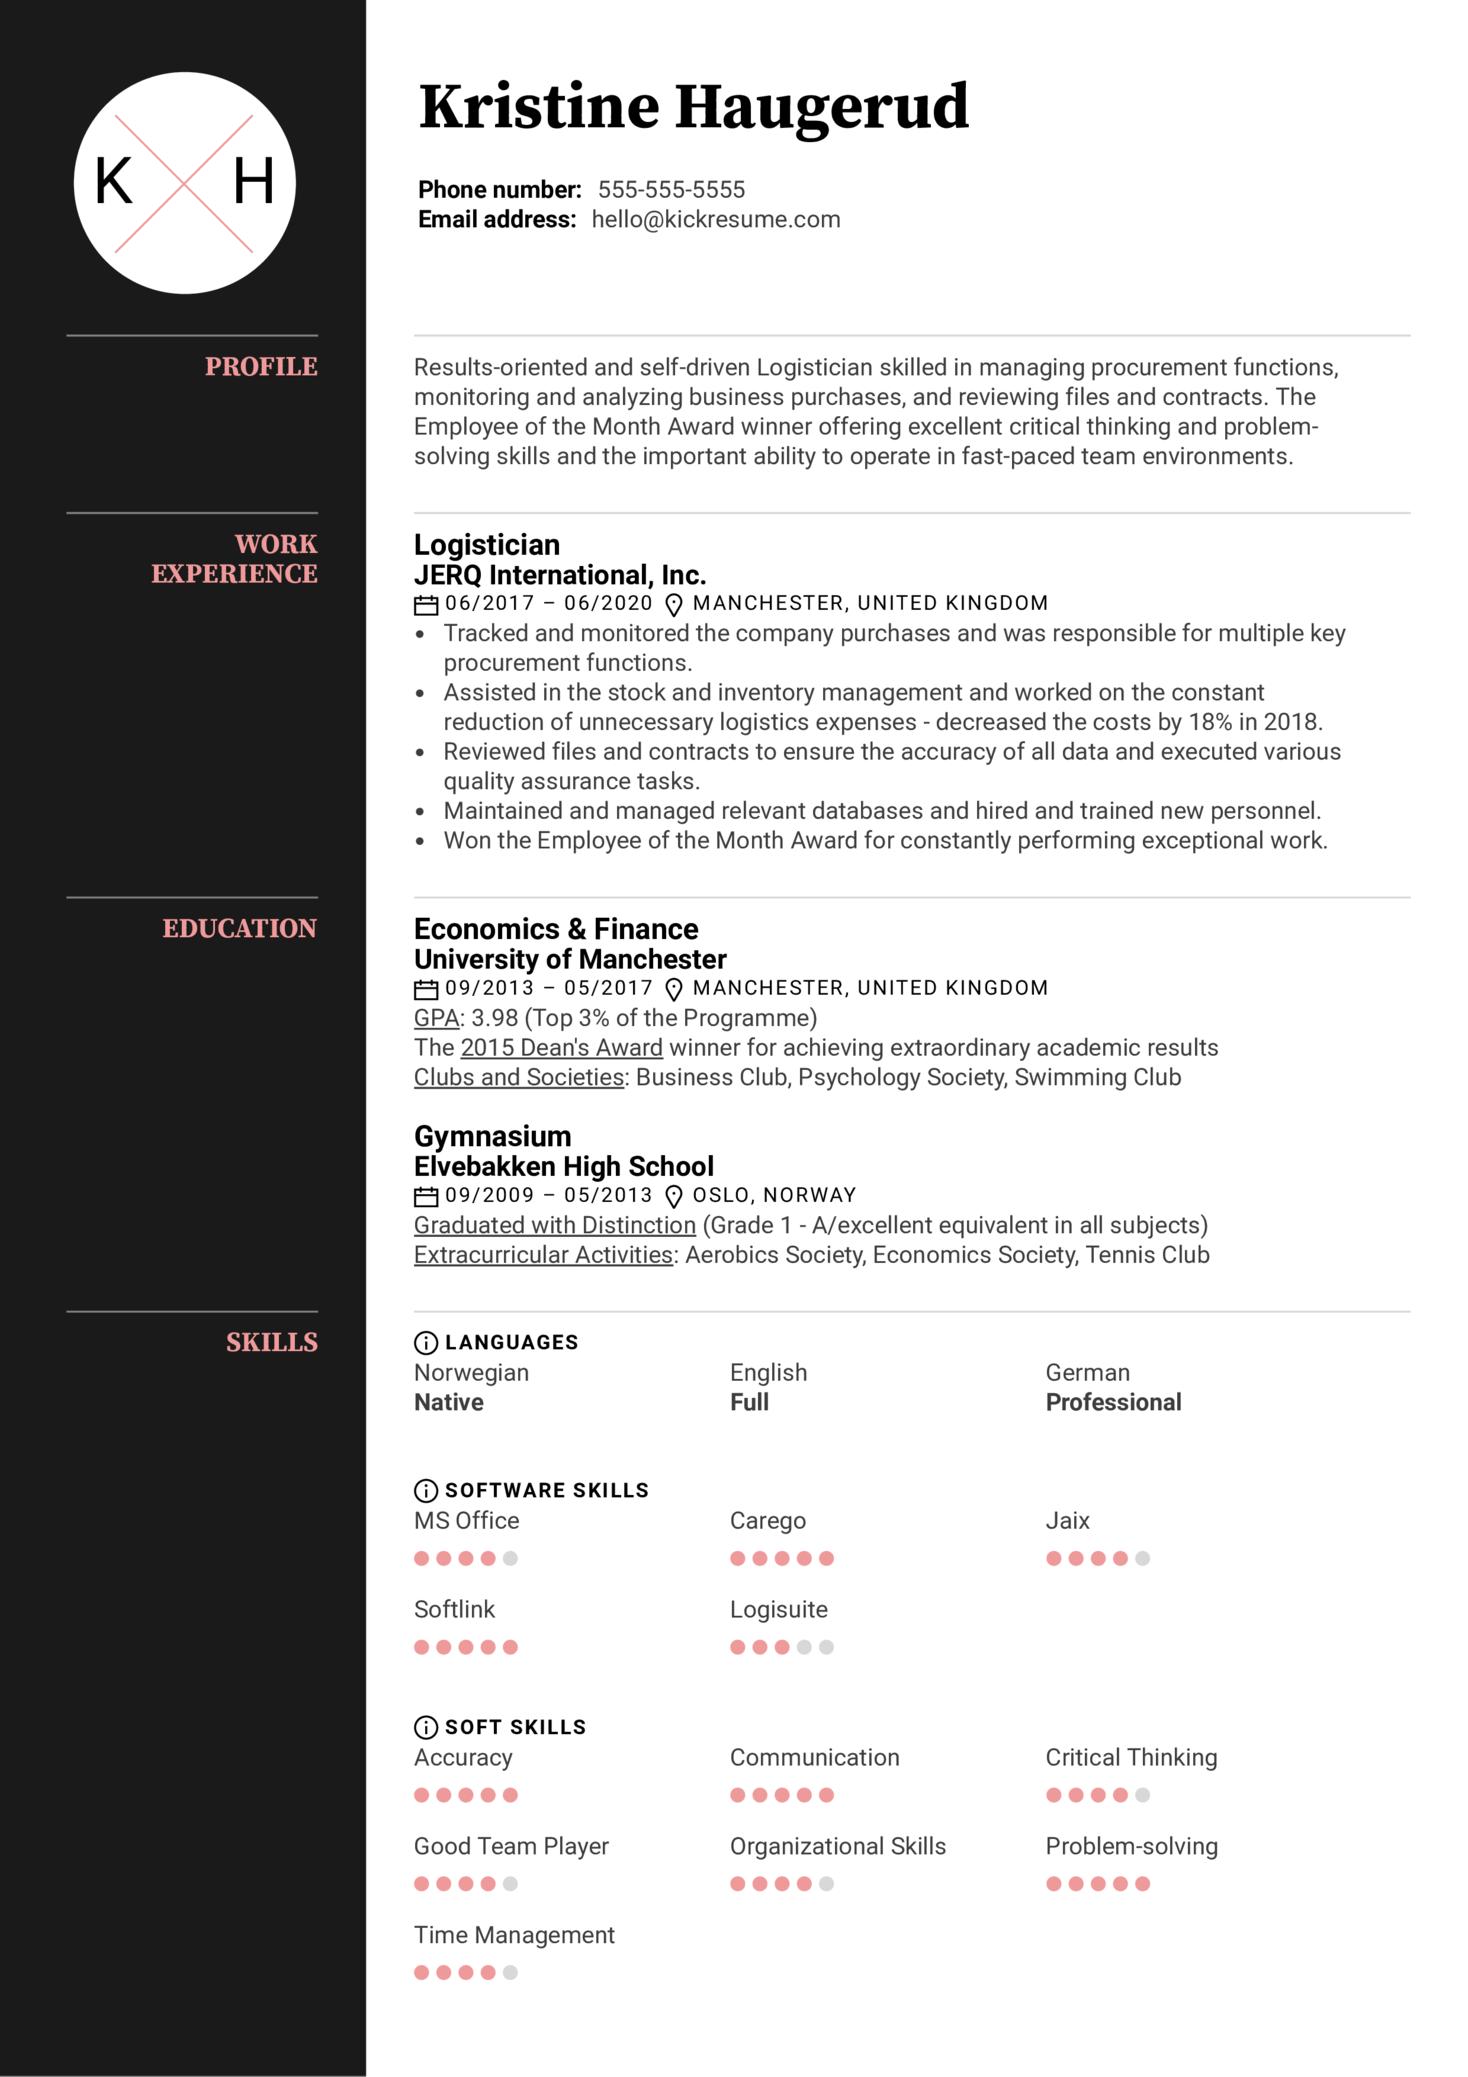 Logistician Resume Sample (parte 1)